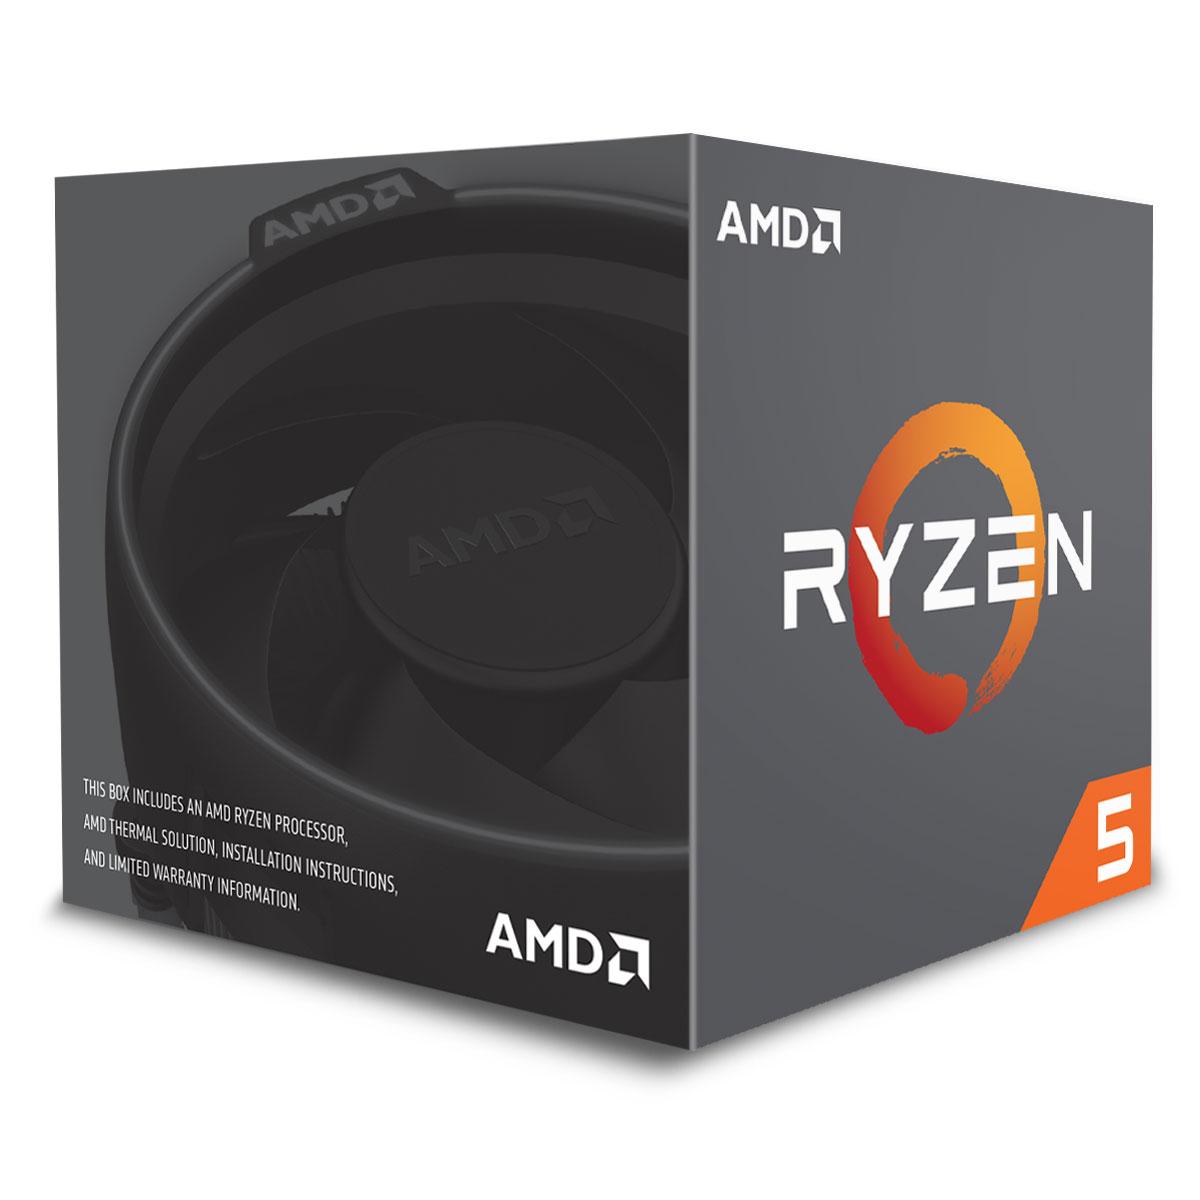 Processeur AMD Ryzen 5 2600X Wraith Spire Edition (3.6 GHz) avec mise à jour BIOS Processeur 6-Core socket AM4 Cache L3 16 Mo 0.012 micron TDP 95W avec système de refroidissement (version boîte - garantie constructeur 3 ans)